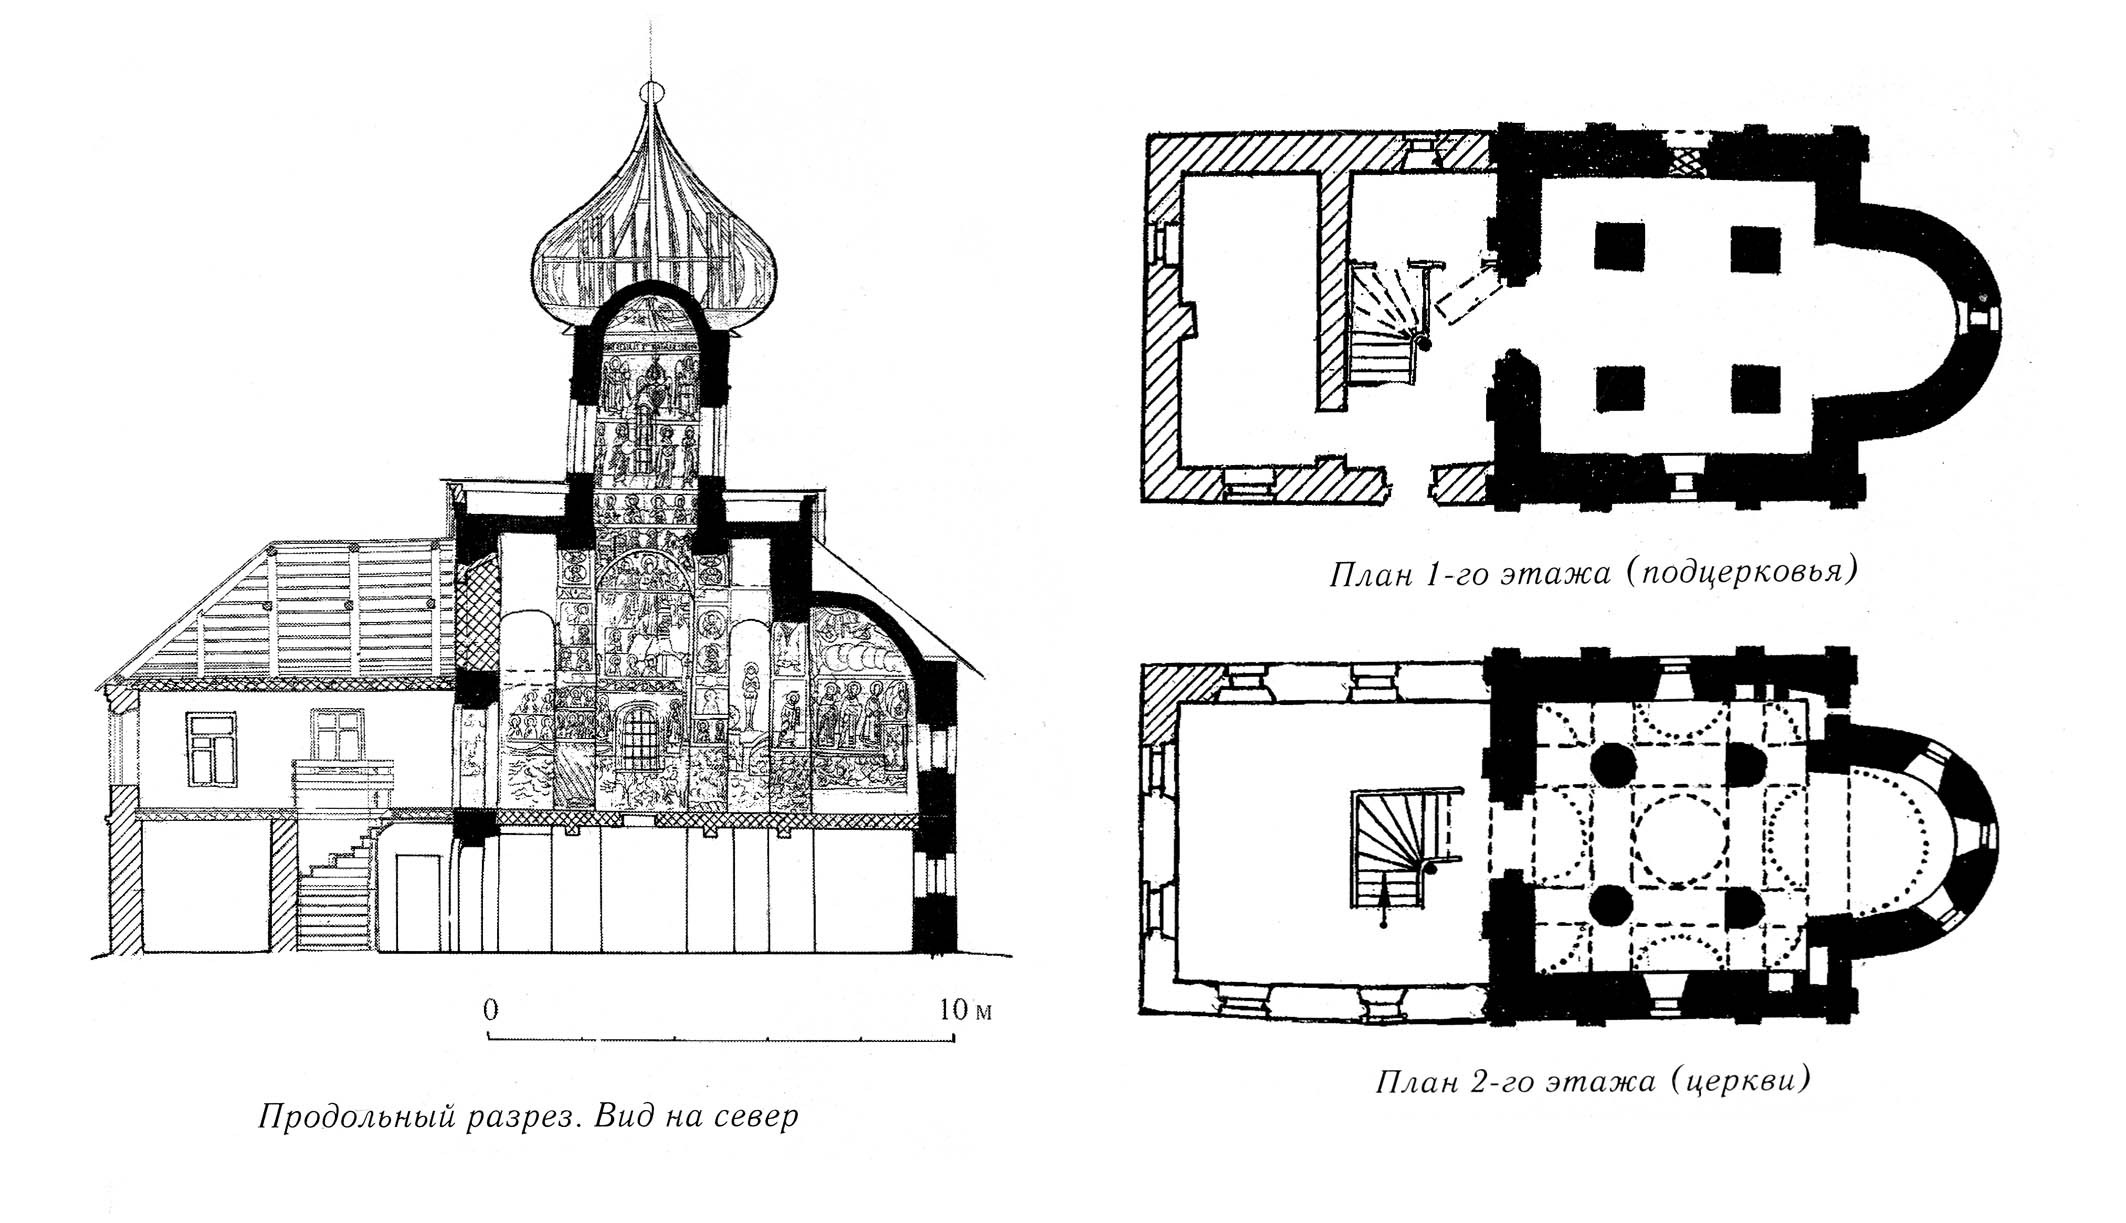 Архитектурные особенности